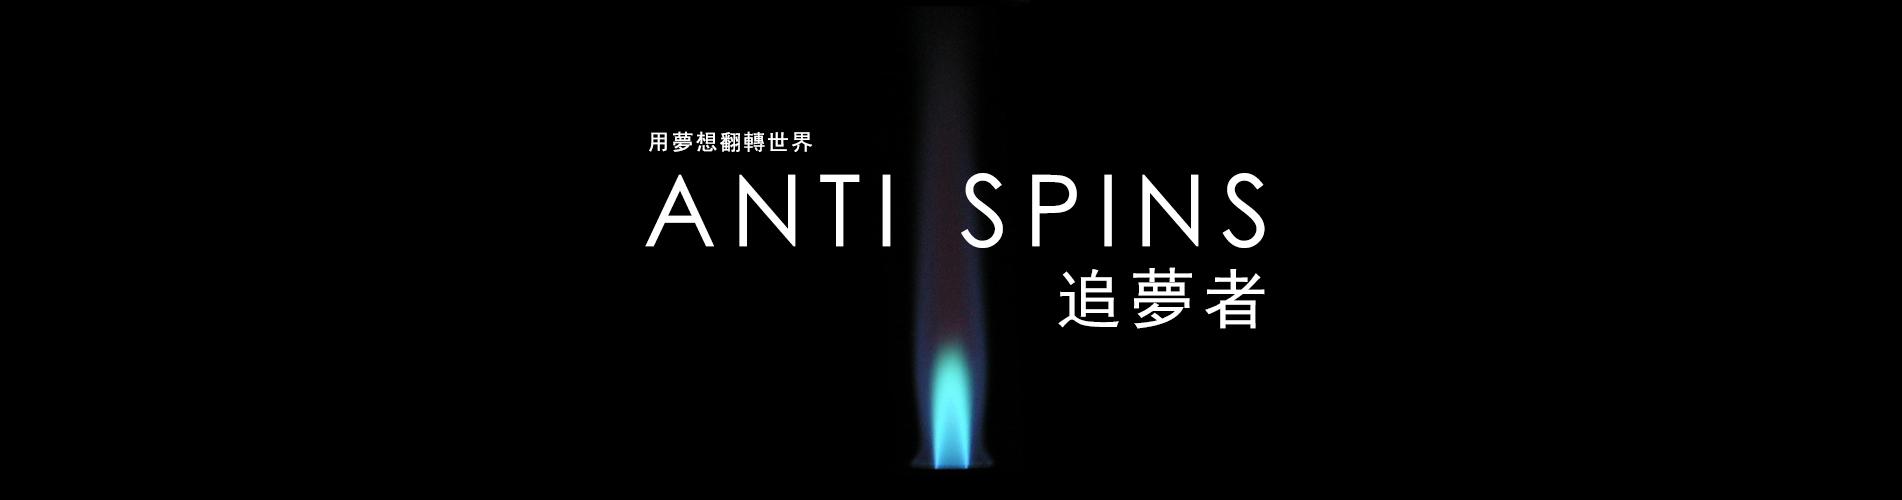 antispins